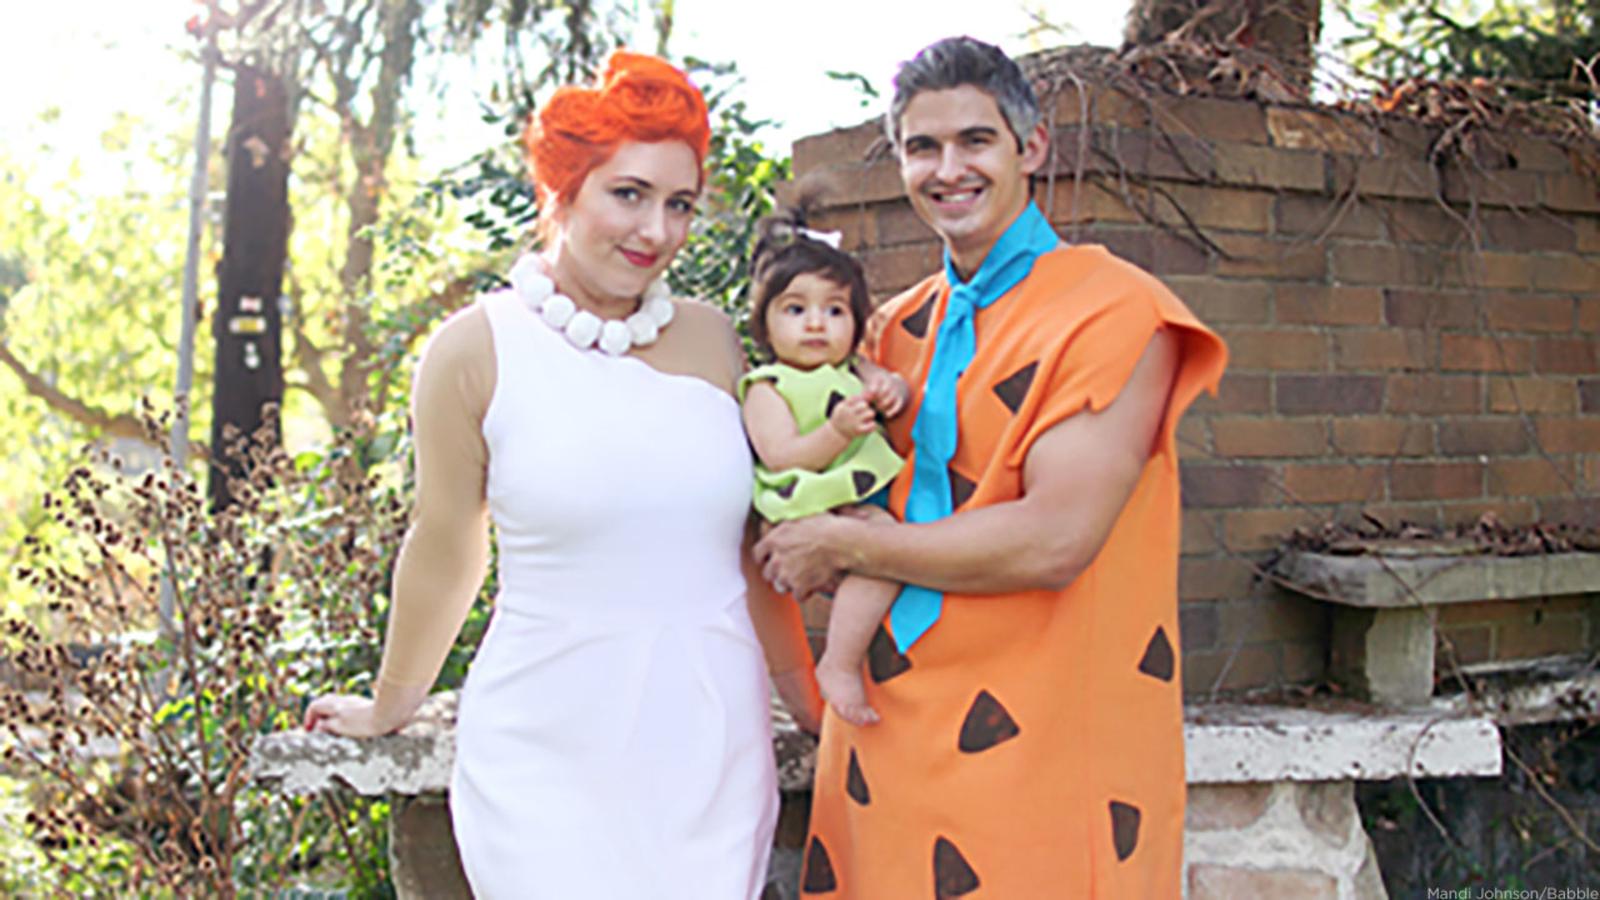 Diy Flintstones Costumes Will Have You Looking